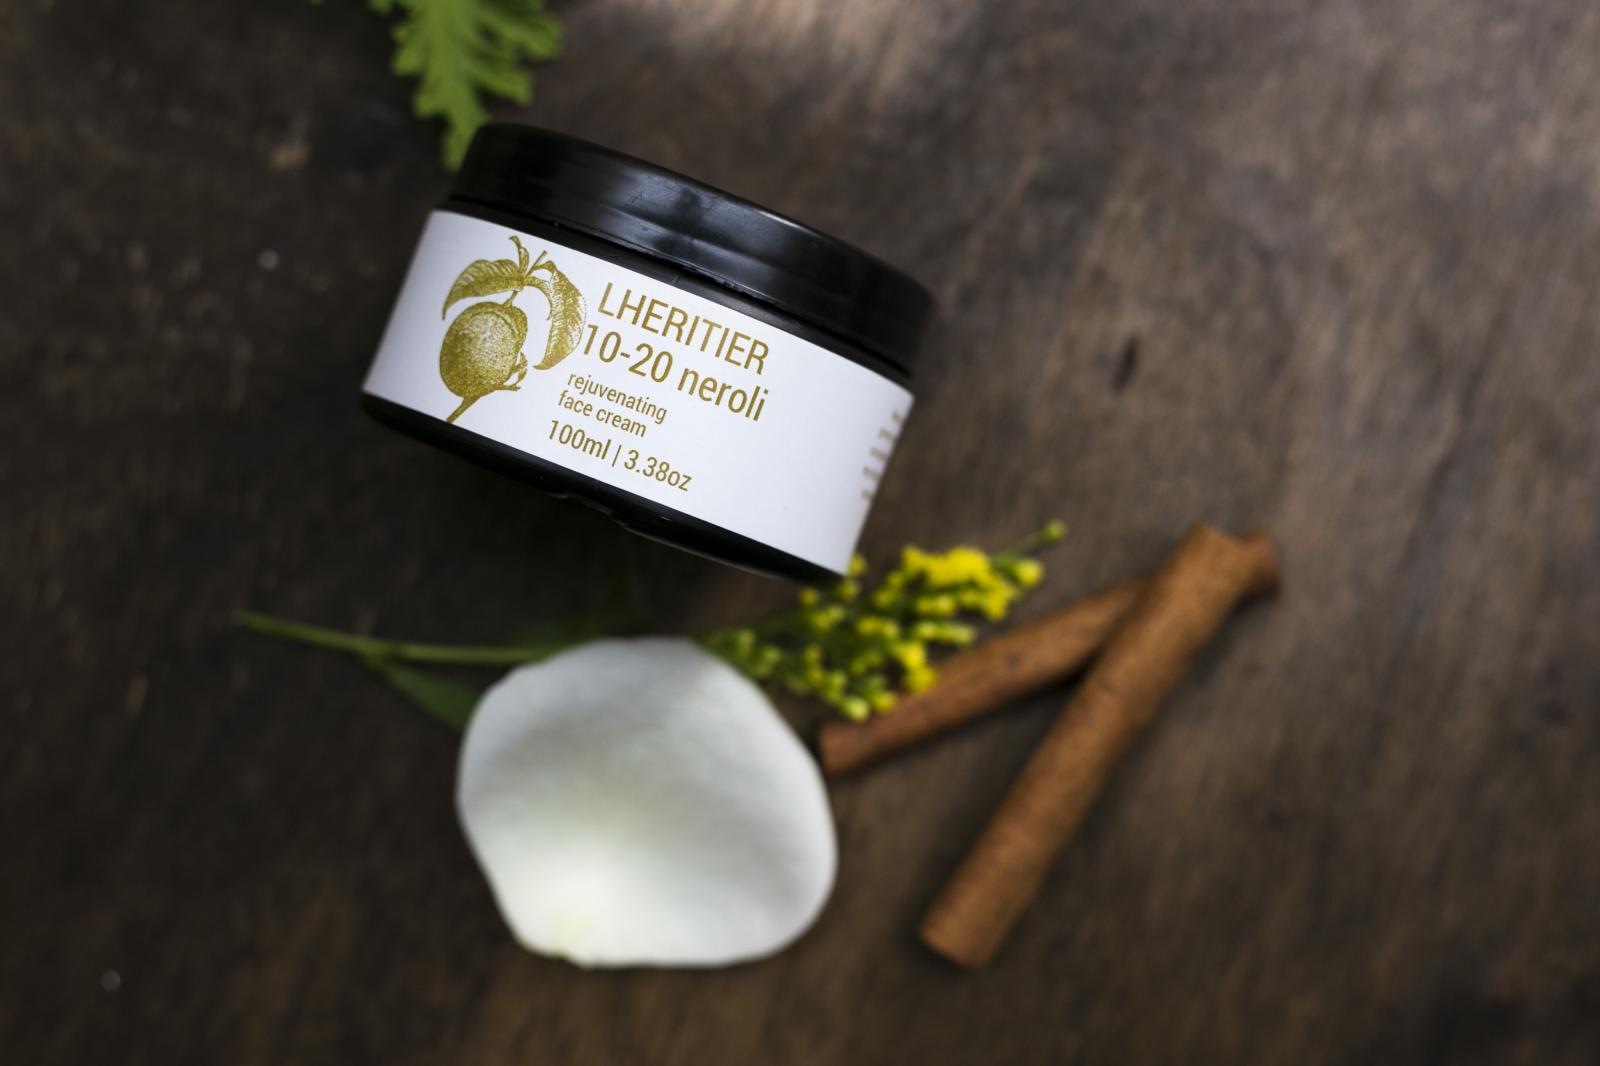 10-20 Neroli Revival Face Cream (Antiaging complex) 100g